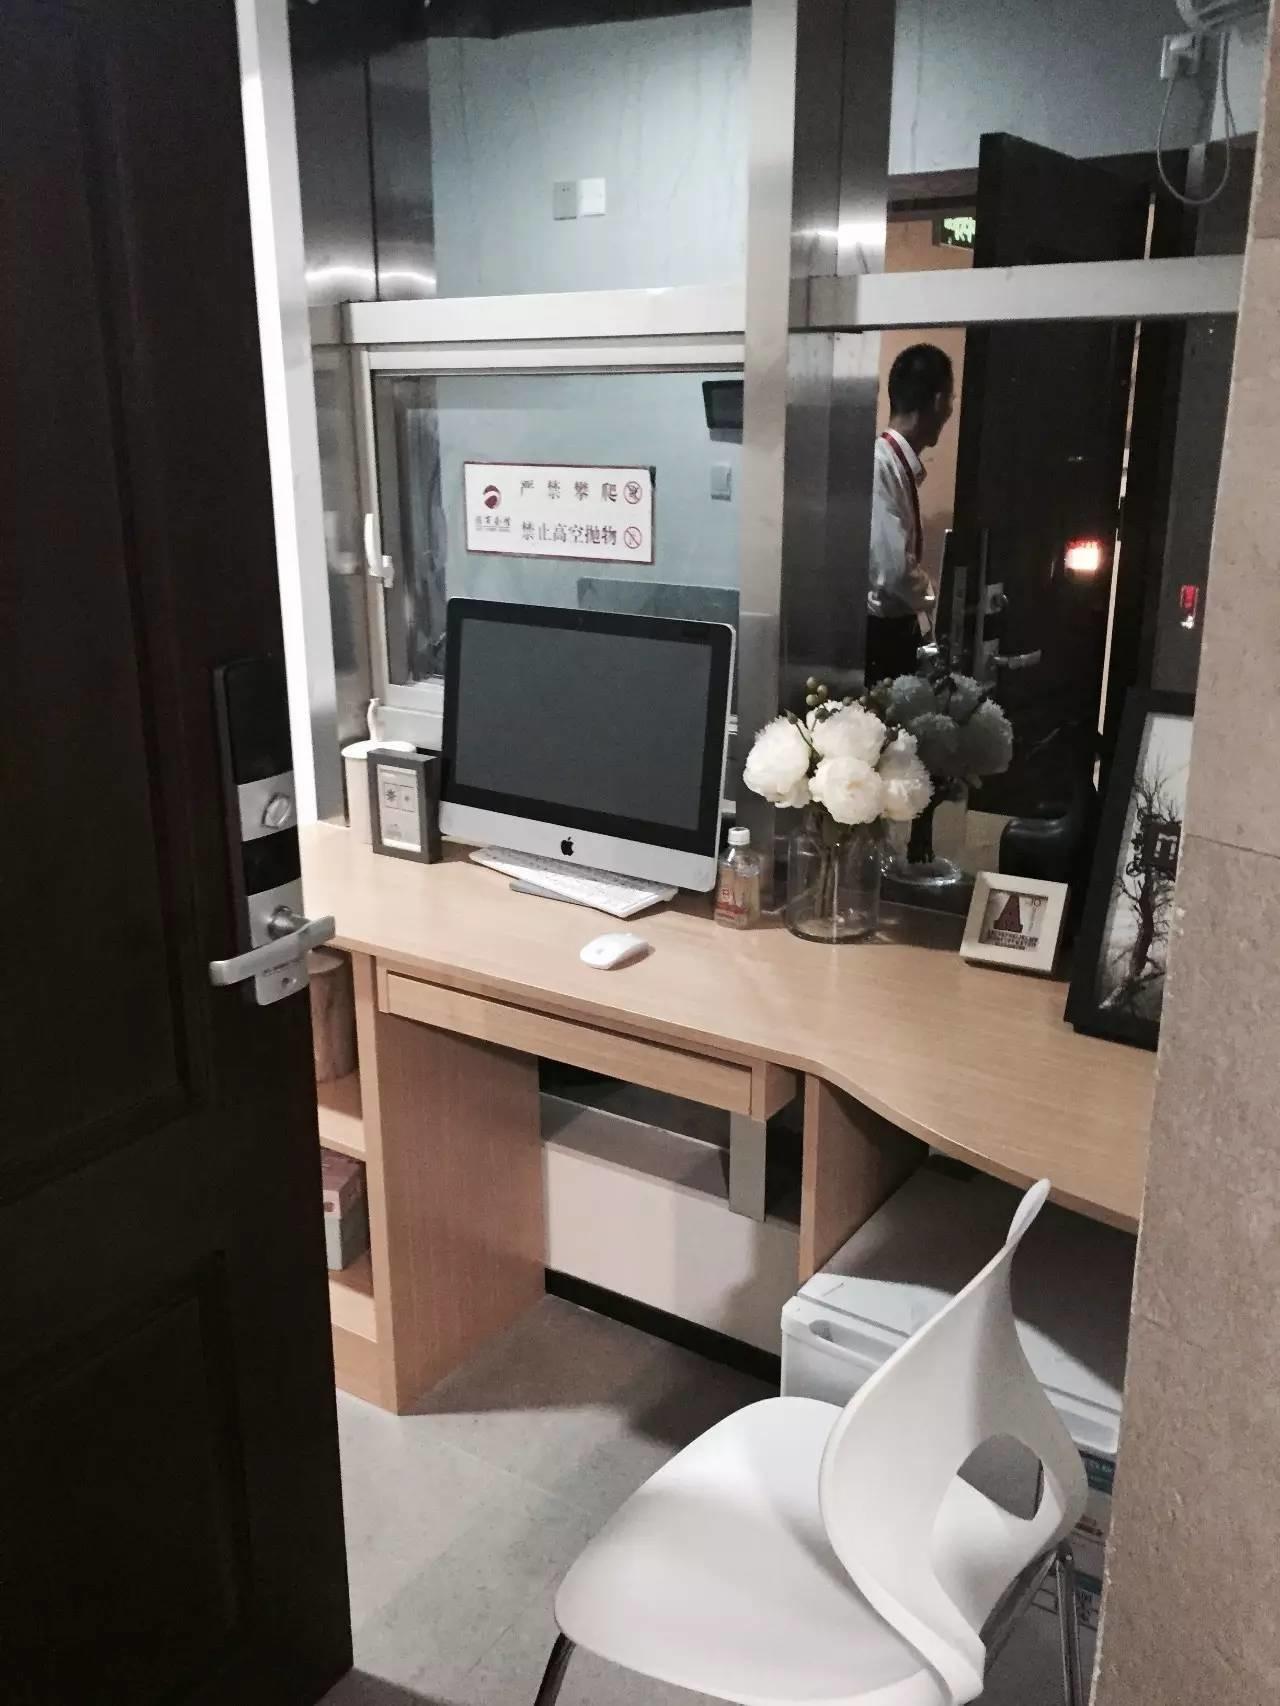 6平米样板房内部实景。图 / 安小庆